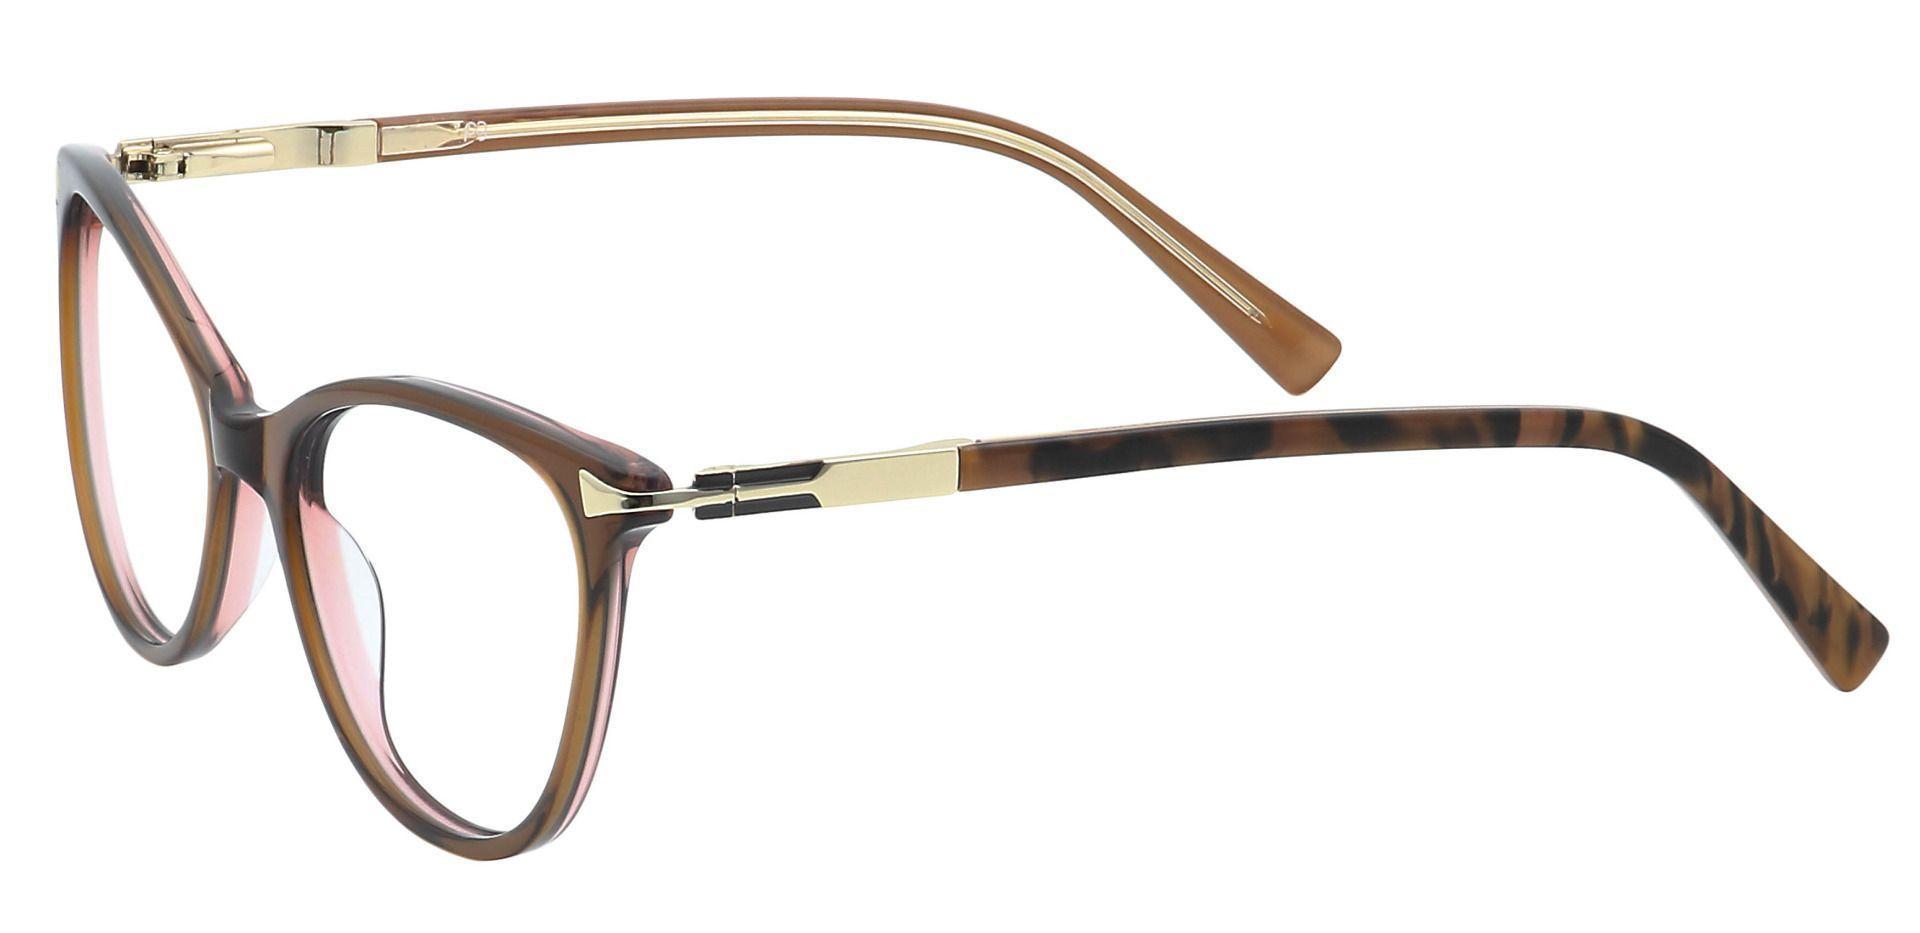 Nona Round Prescription Glasses - Brown